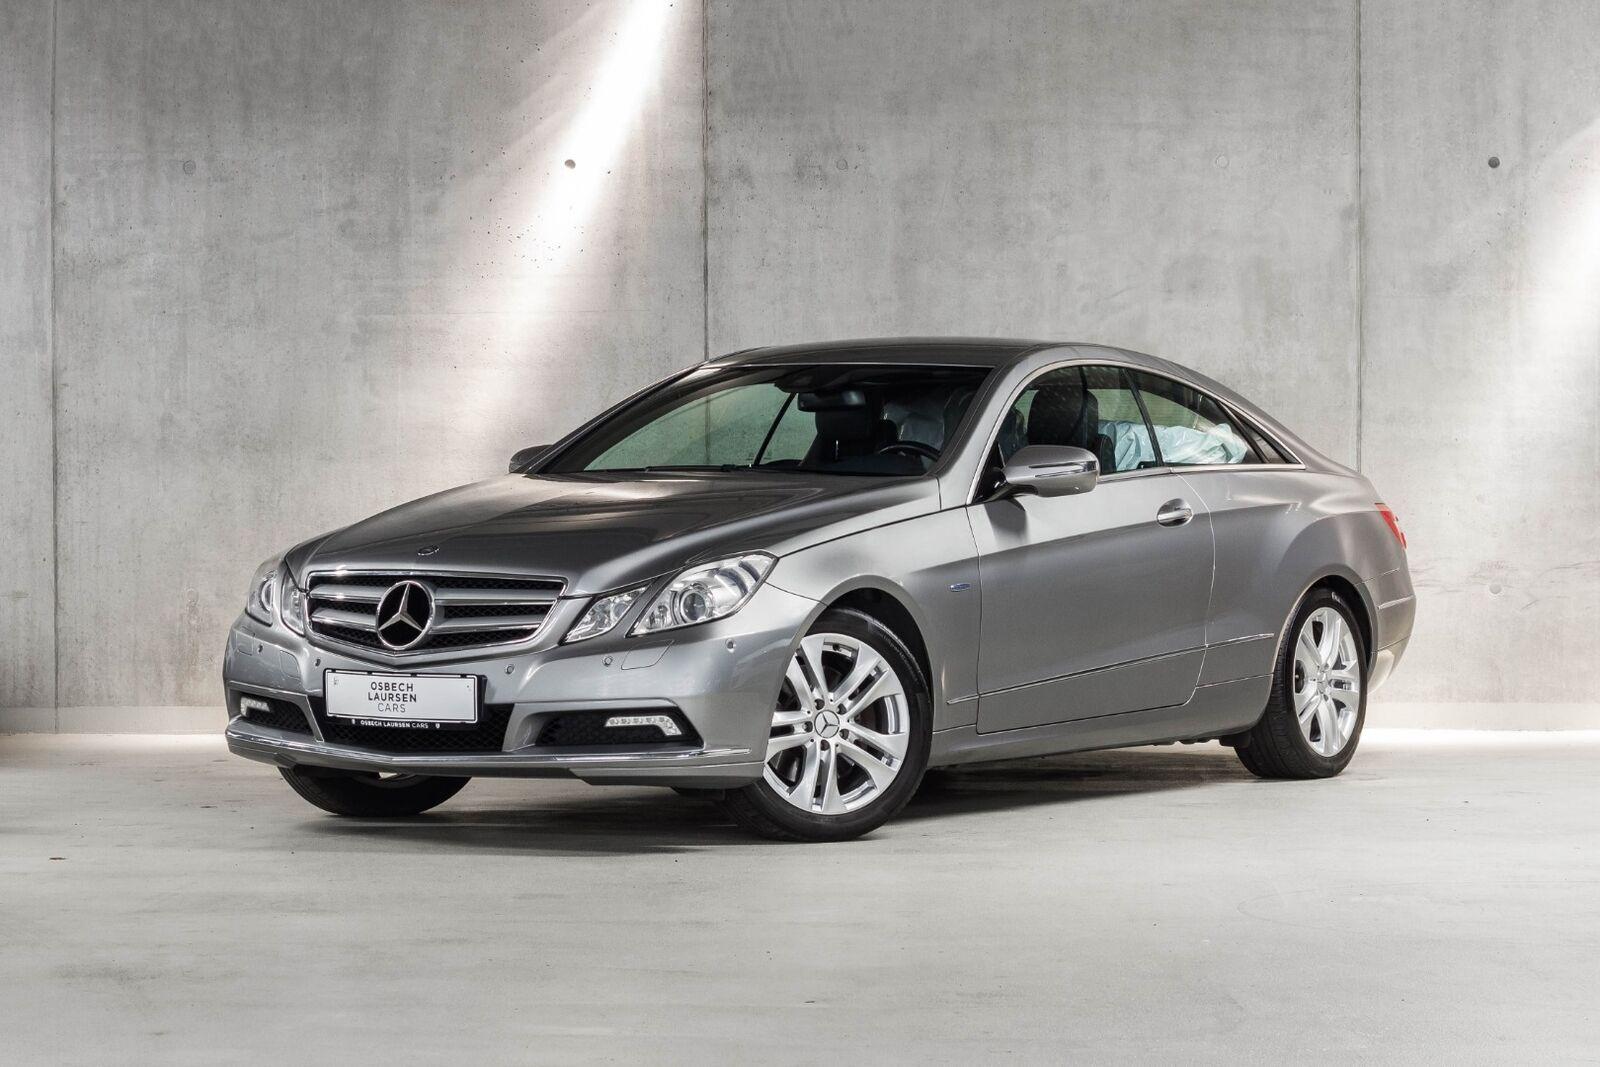 Mercedes E350 3,5 CGi Coupé aut. BE 2d - 199.000 kr.